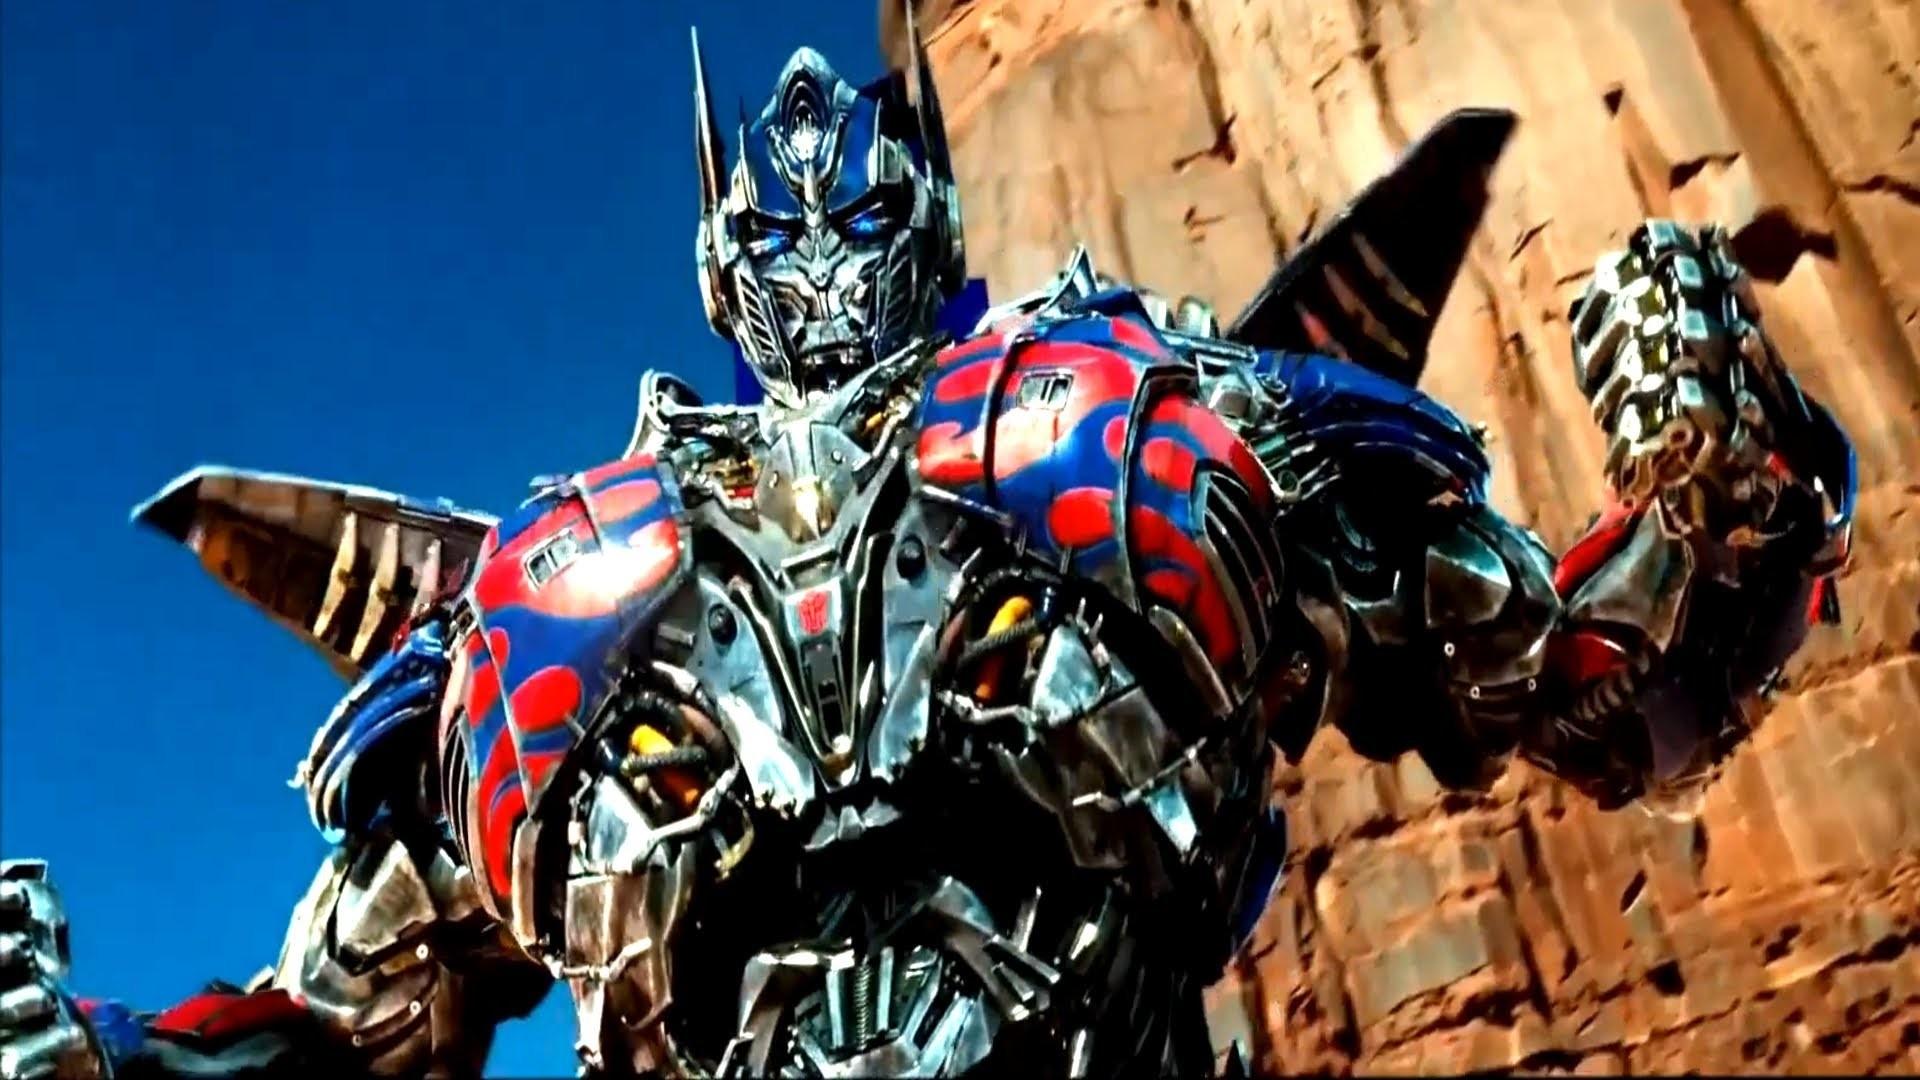 optimus prime revenge of the fallen wallpaper